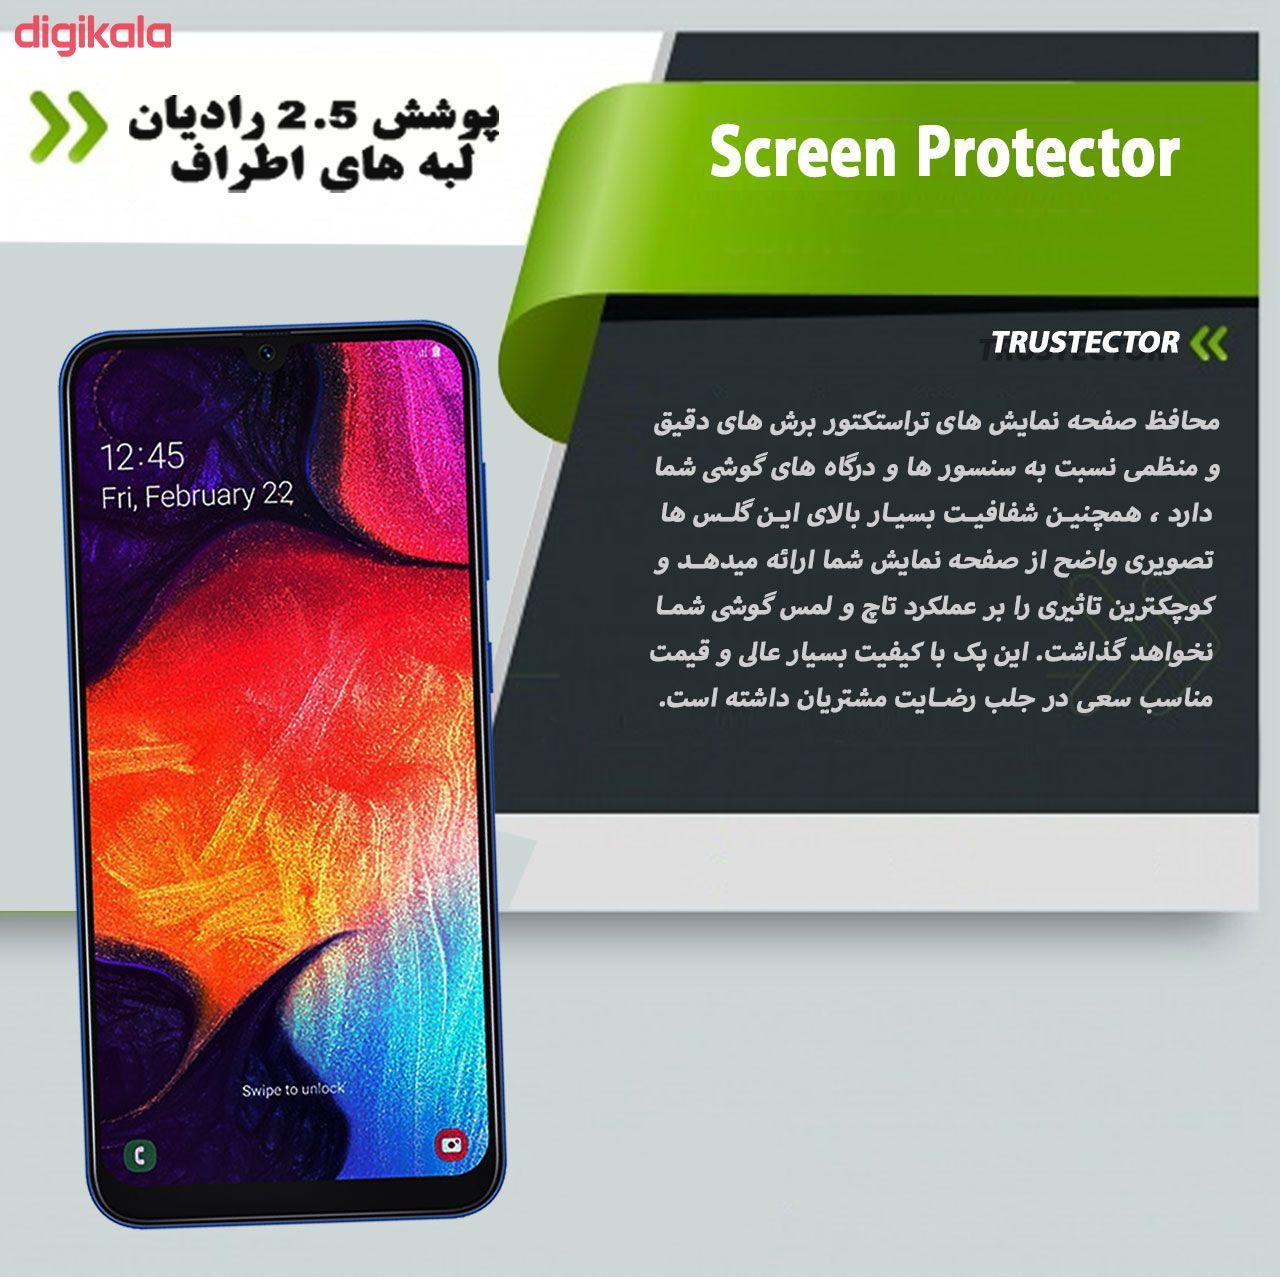 محافظ صفحه نمایش تراستکتور مدل GSS مناسب برای گوشی موبایل سامسونگ Galaxy A50 بسته 3 عددی main 1 5